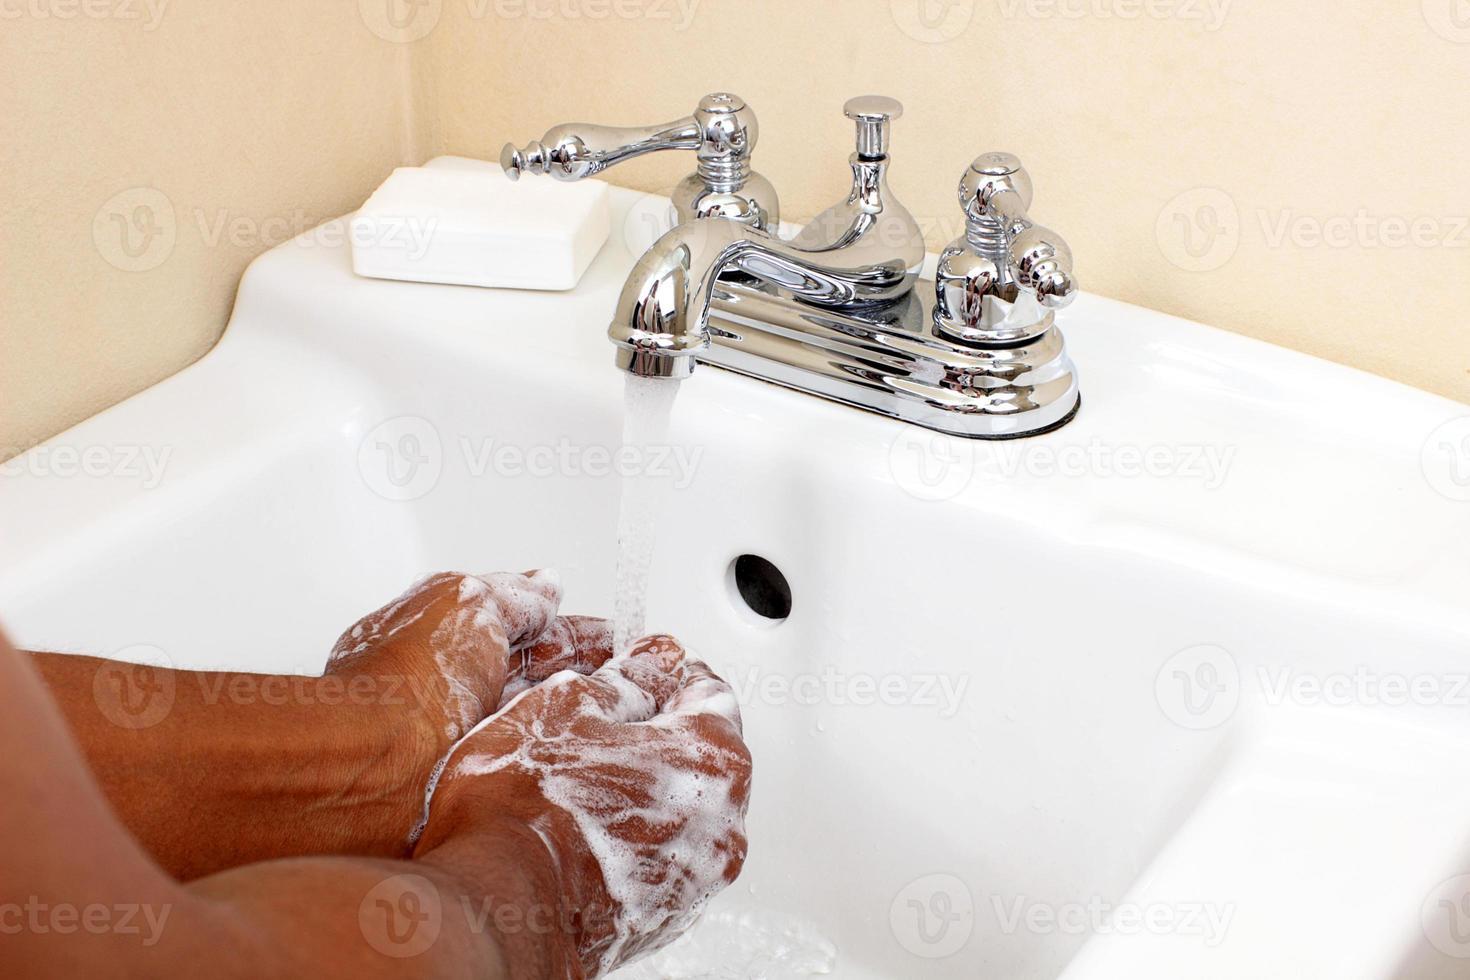 noir, lavage, savon, eau photo